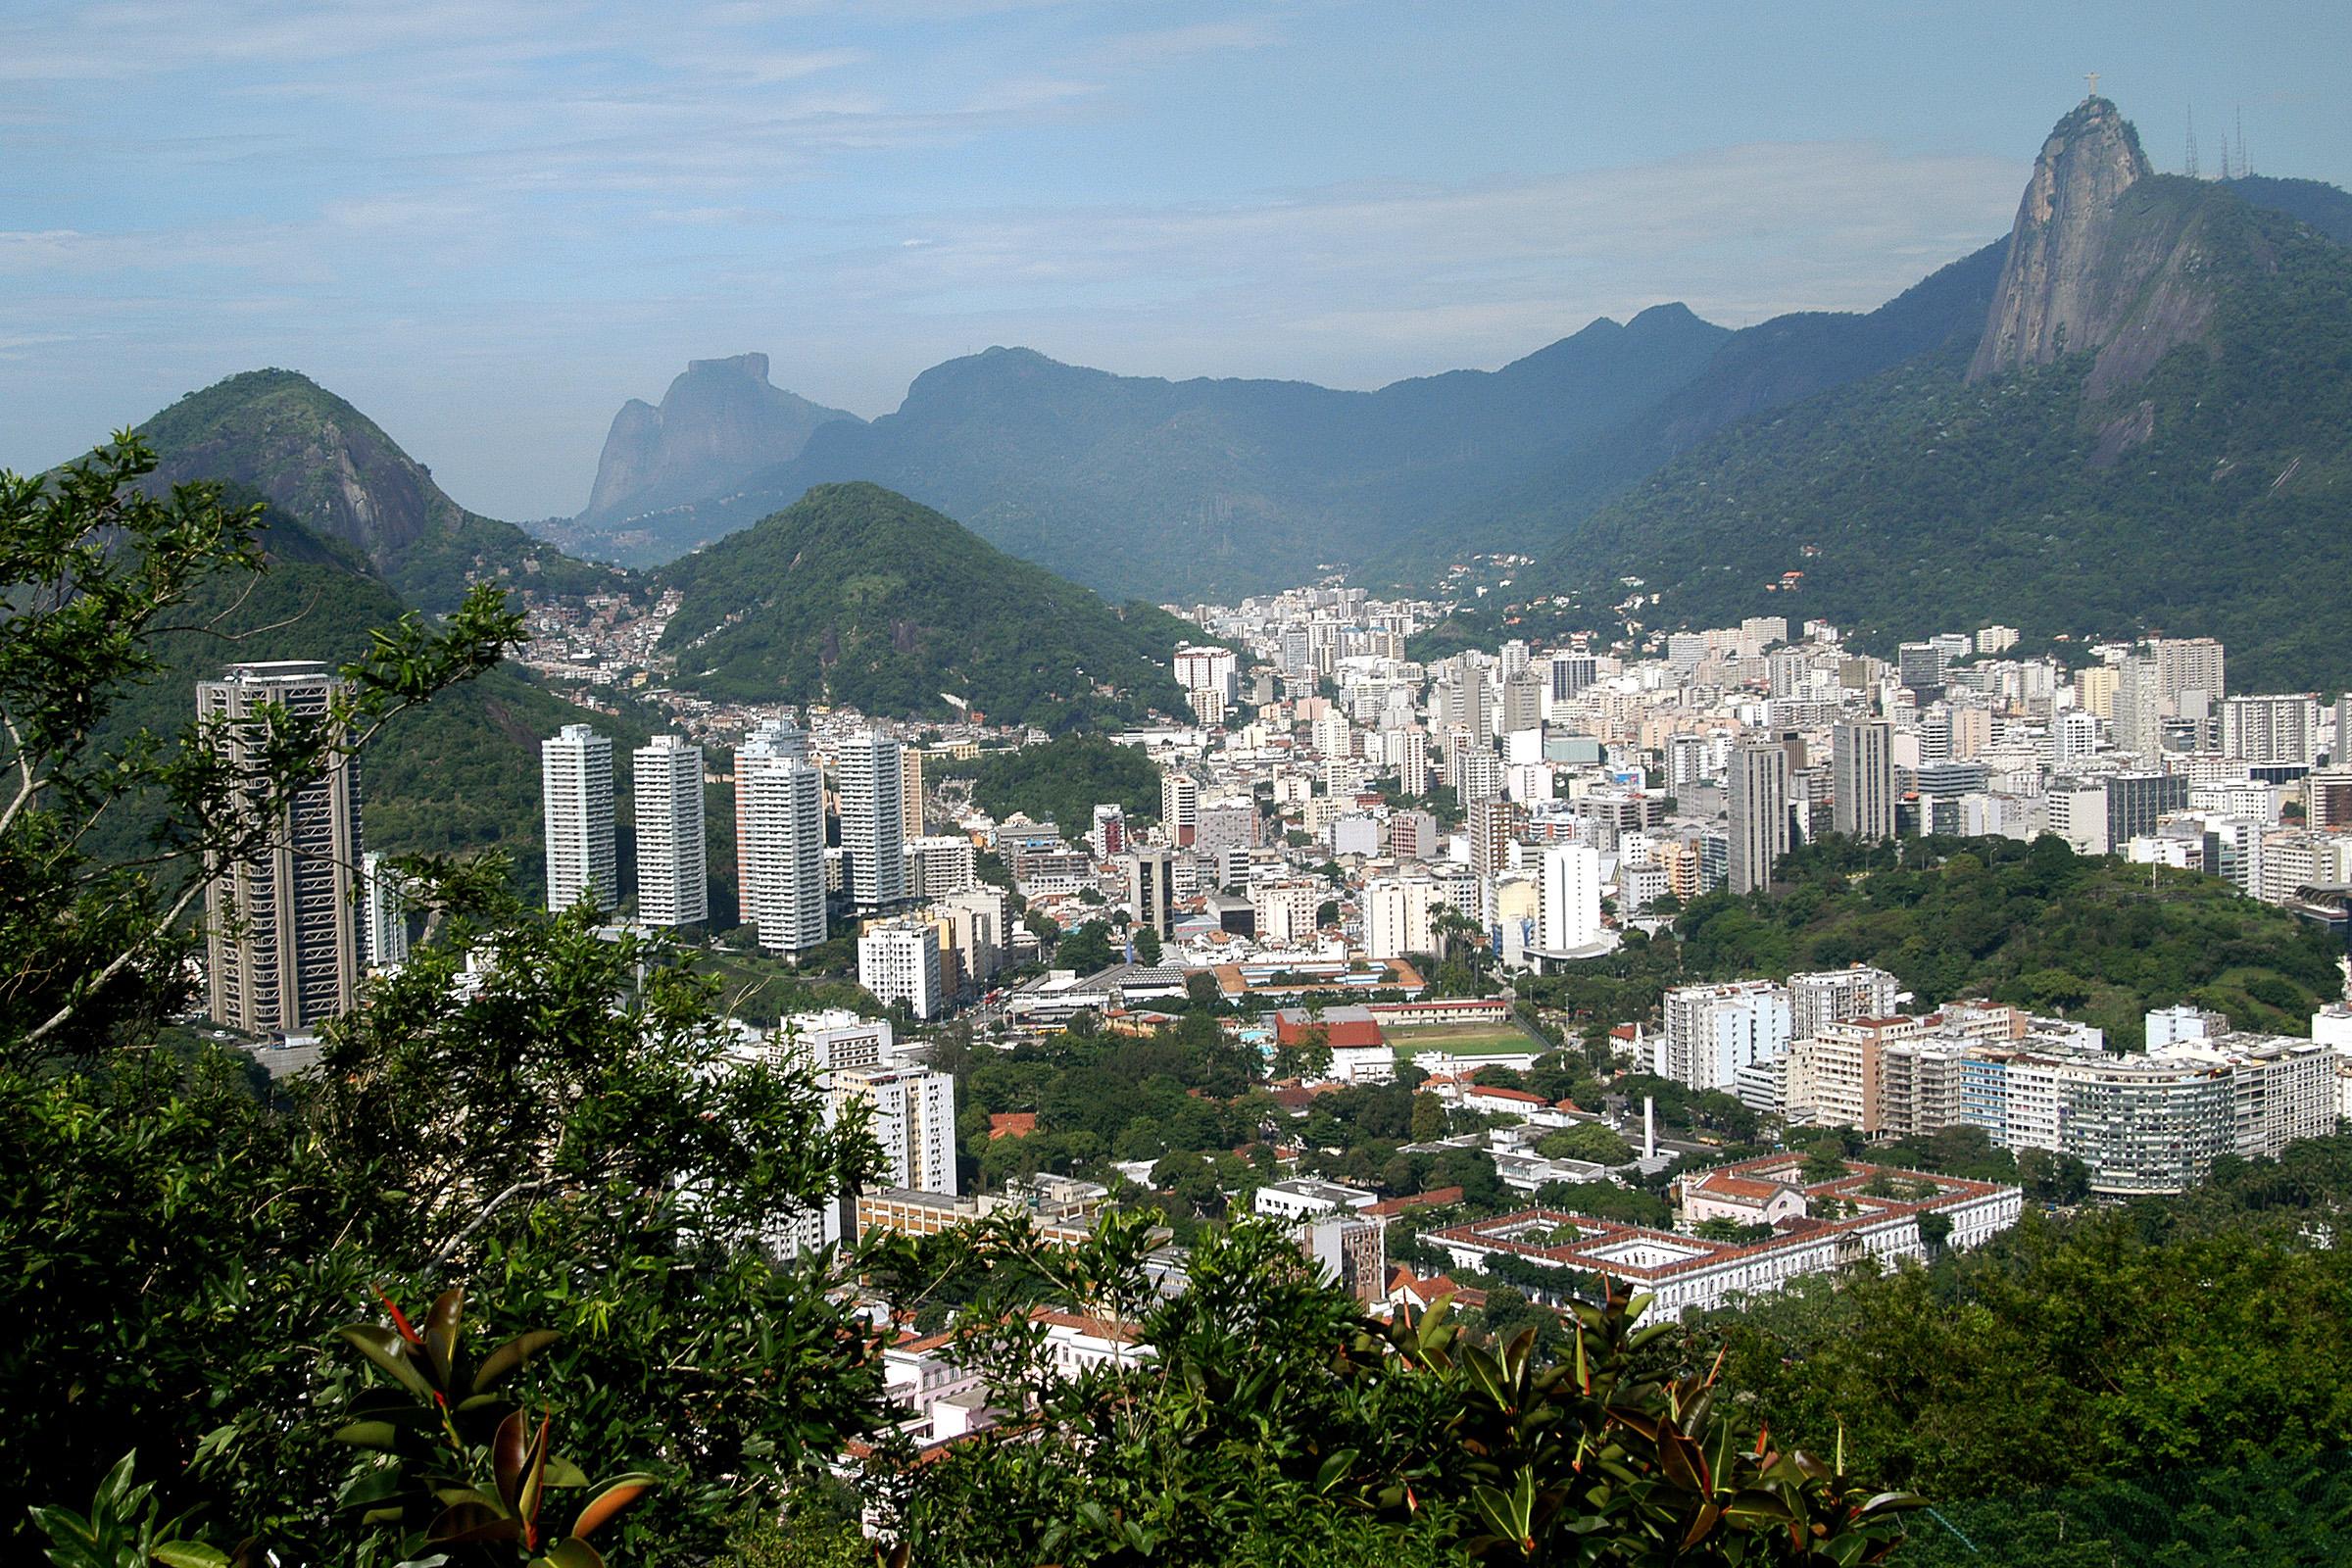 Brazília 2003 (Rio de Janeiro)